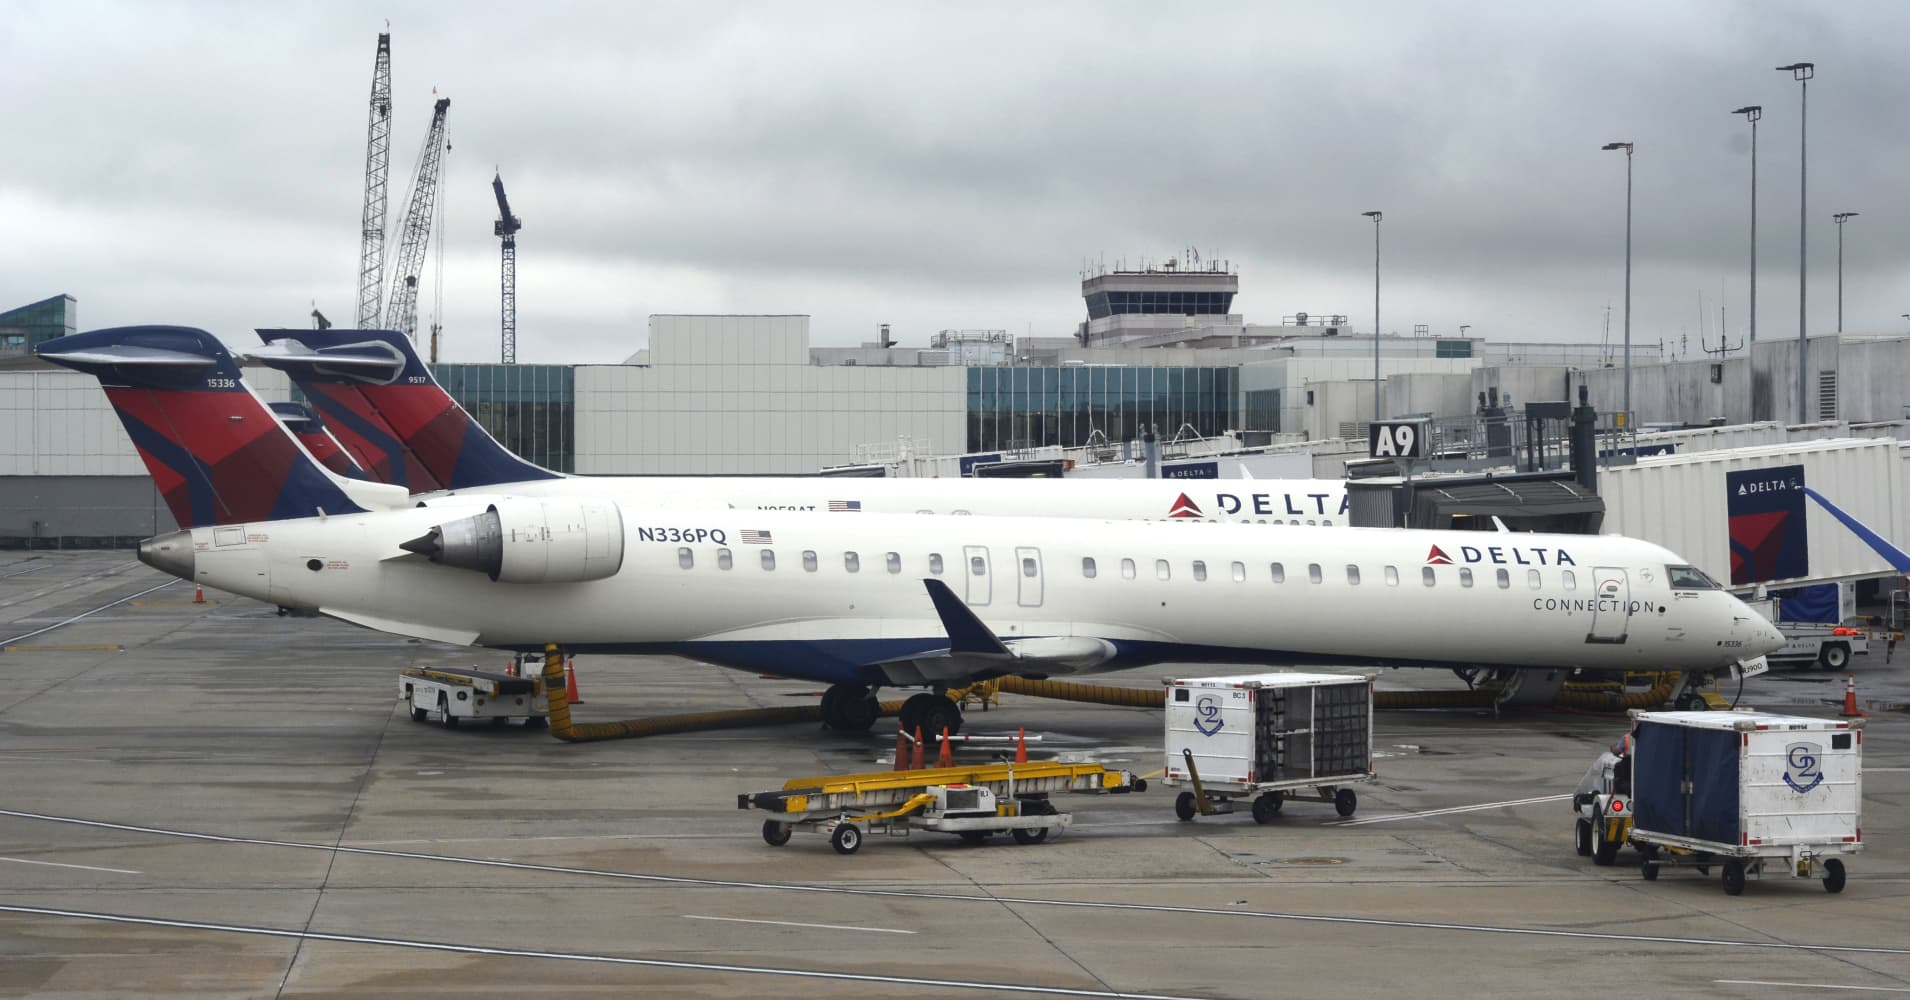 Resultado de imagen para hurricane florence airlines flights